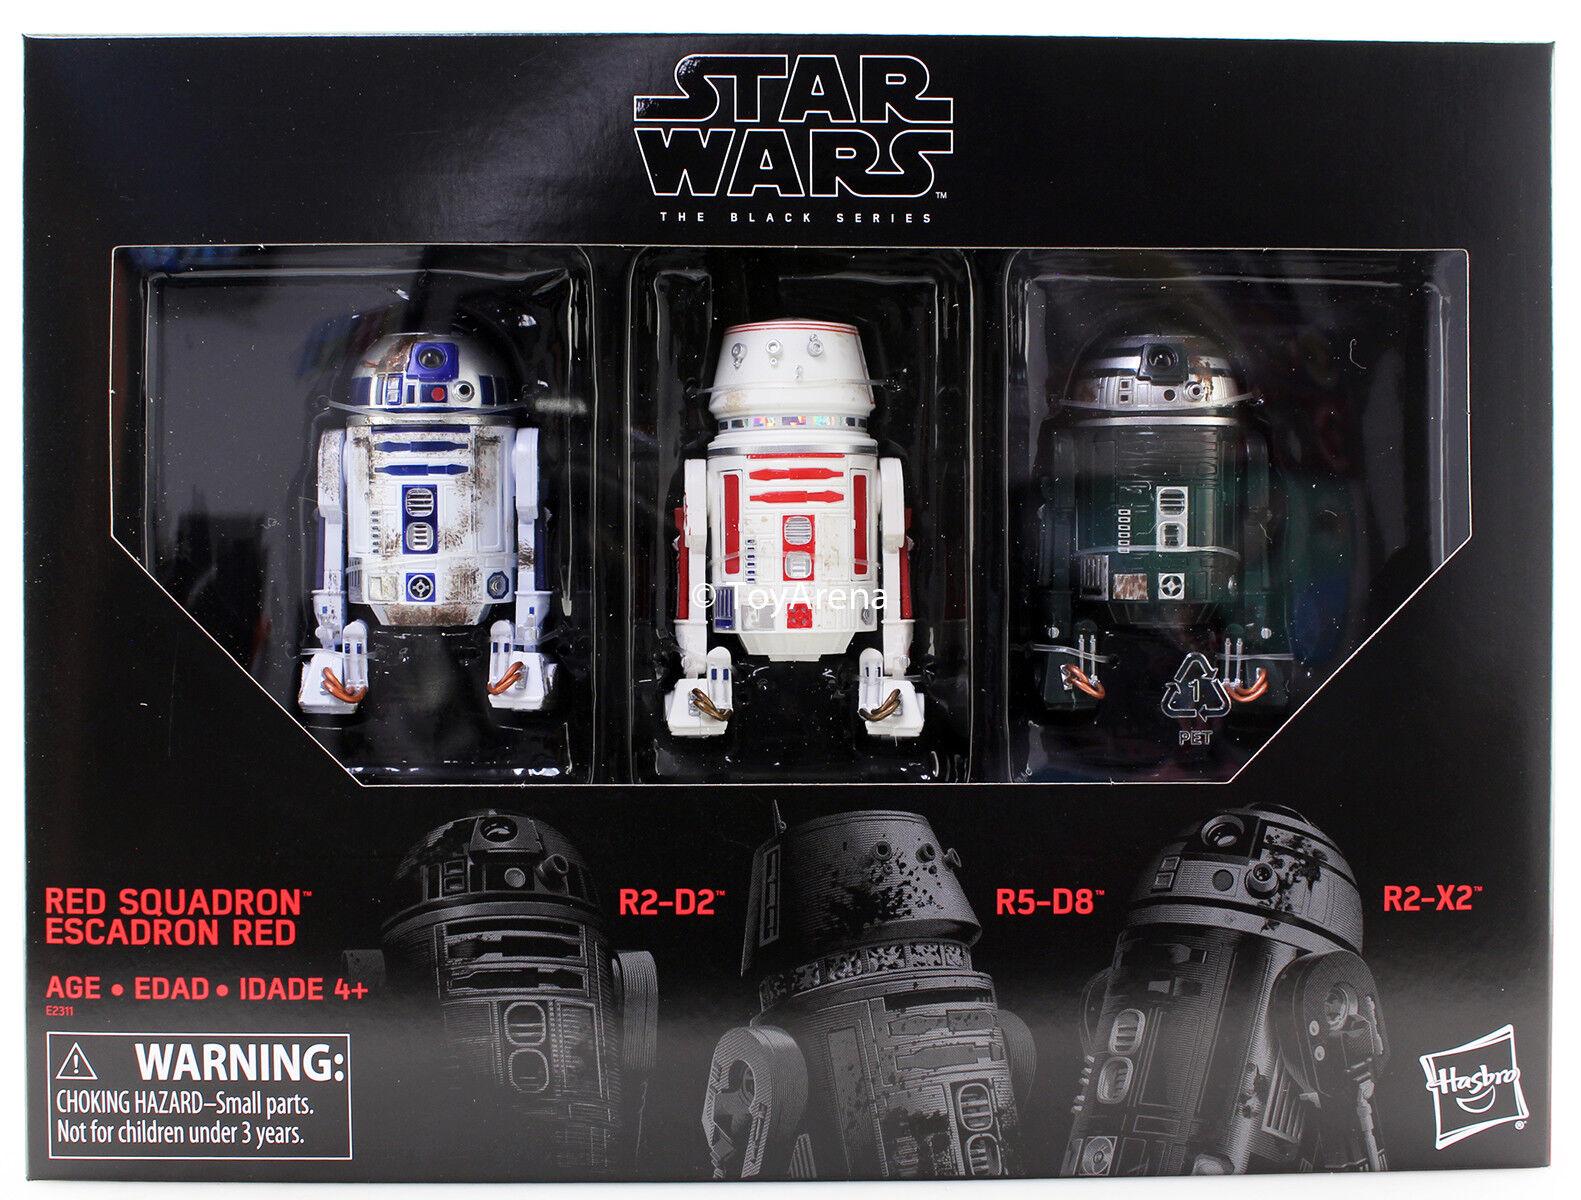 Guerra DE LAS GALAXIAS la serie negra 6 Rojo escuadrón R2-D2 astromec 3 Paquete de EE. UU. en Stock